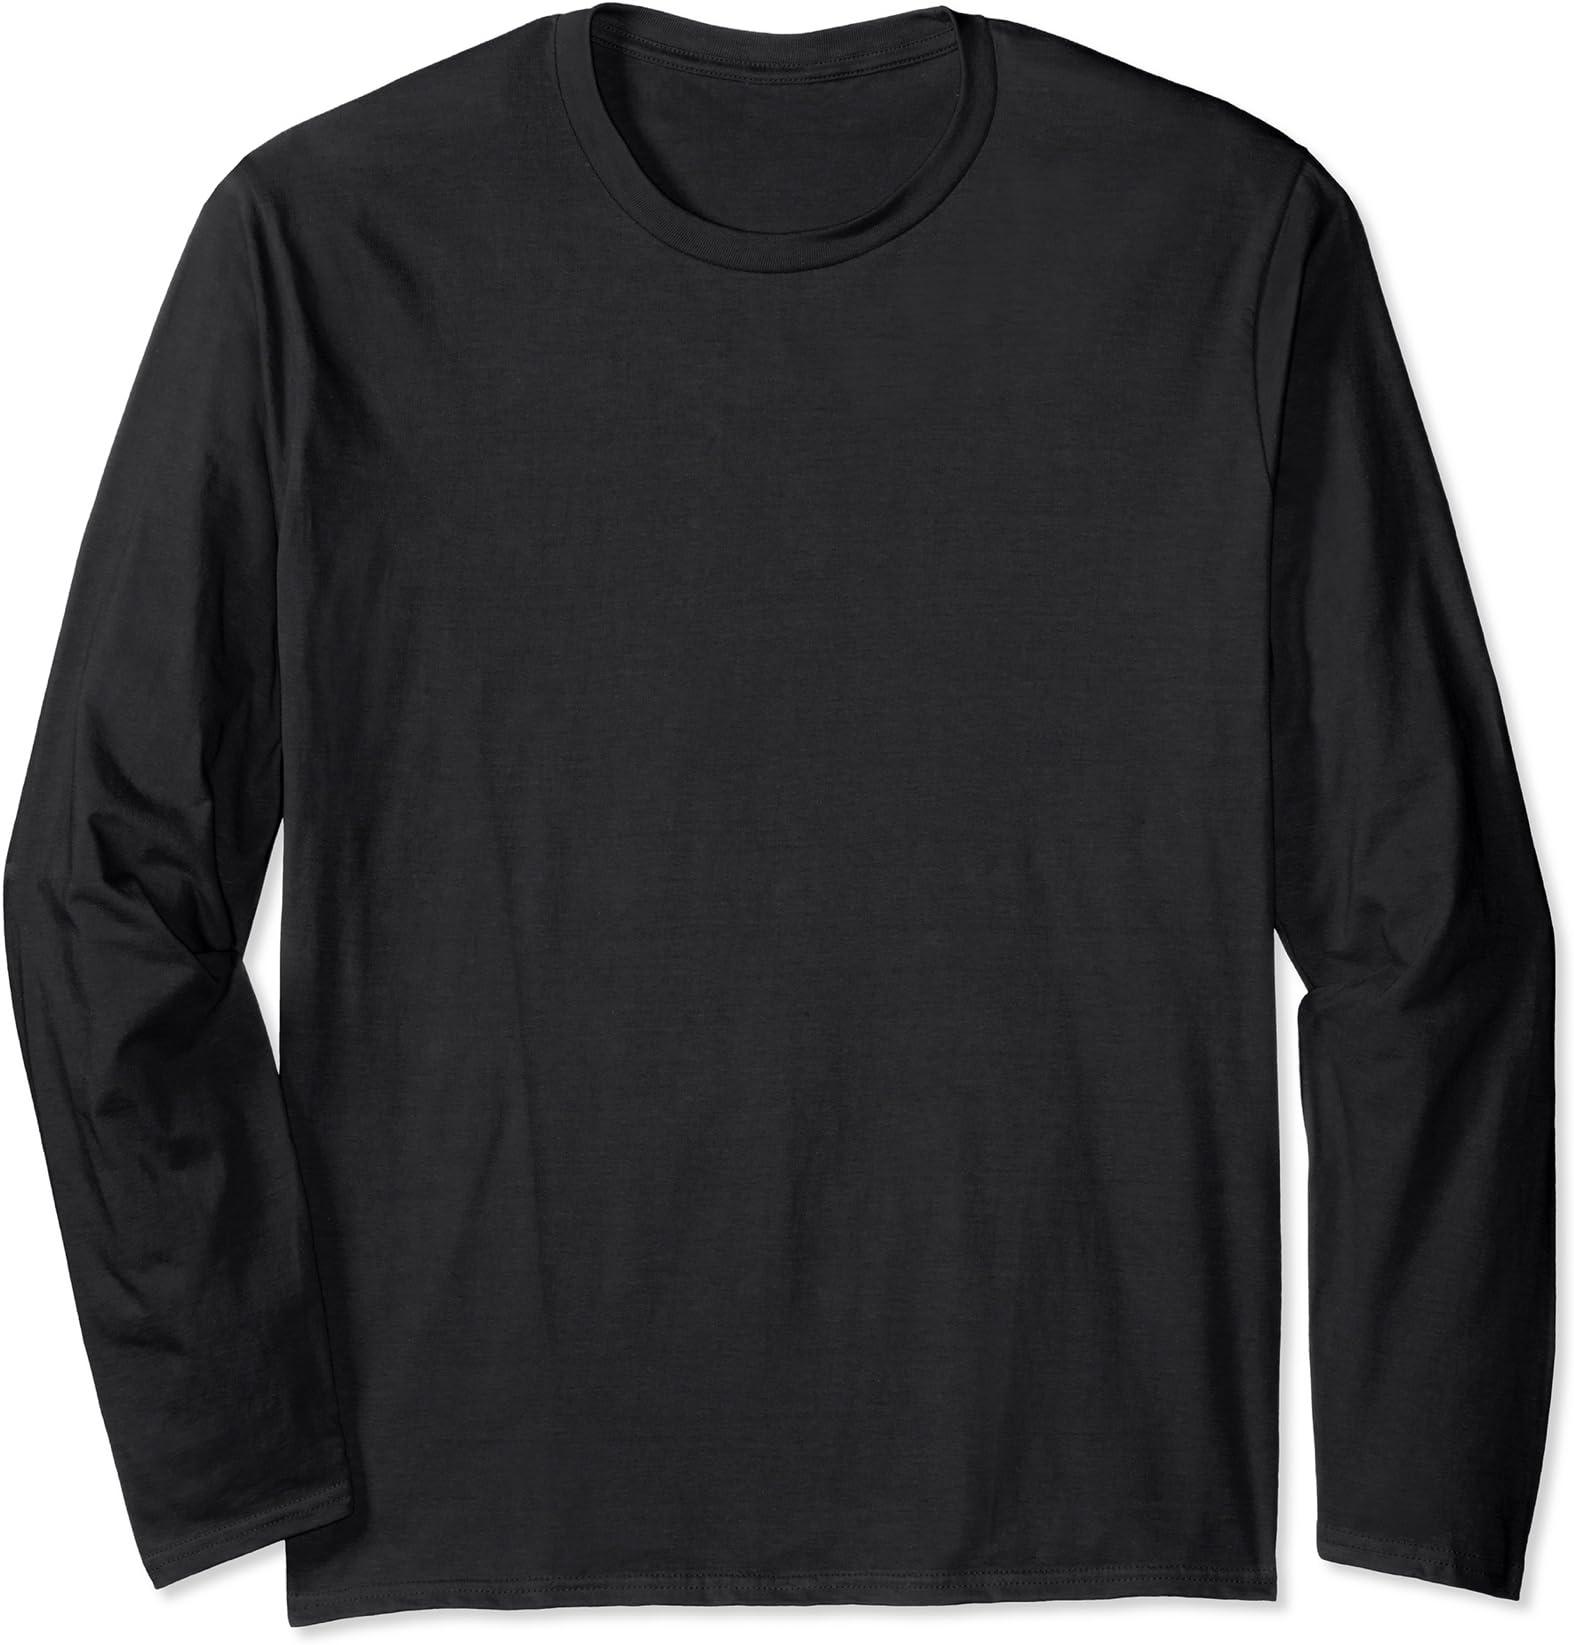 : Black//Orange Star Wars : Long Sleeved Top : Disney Sweatshirt for Boys